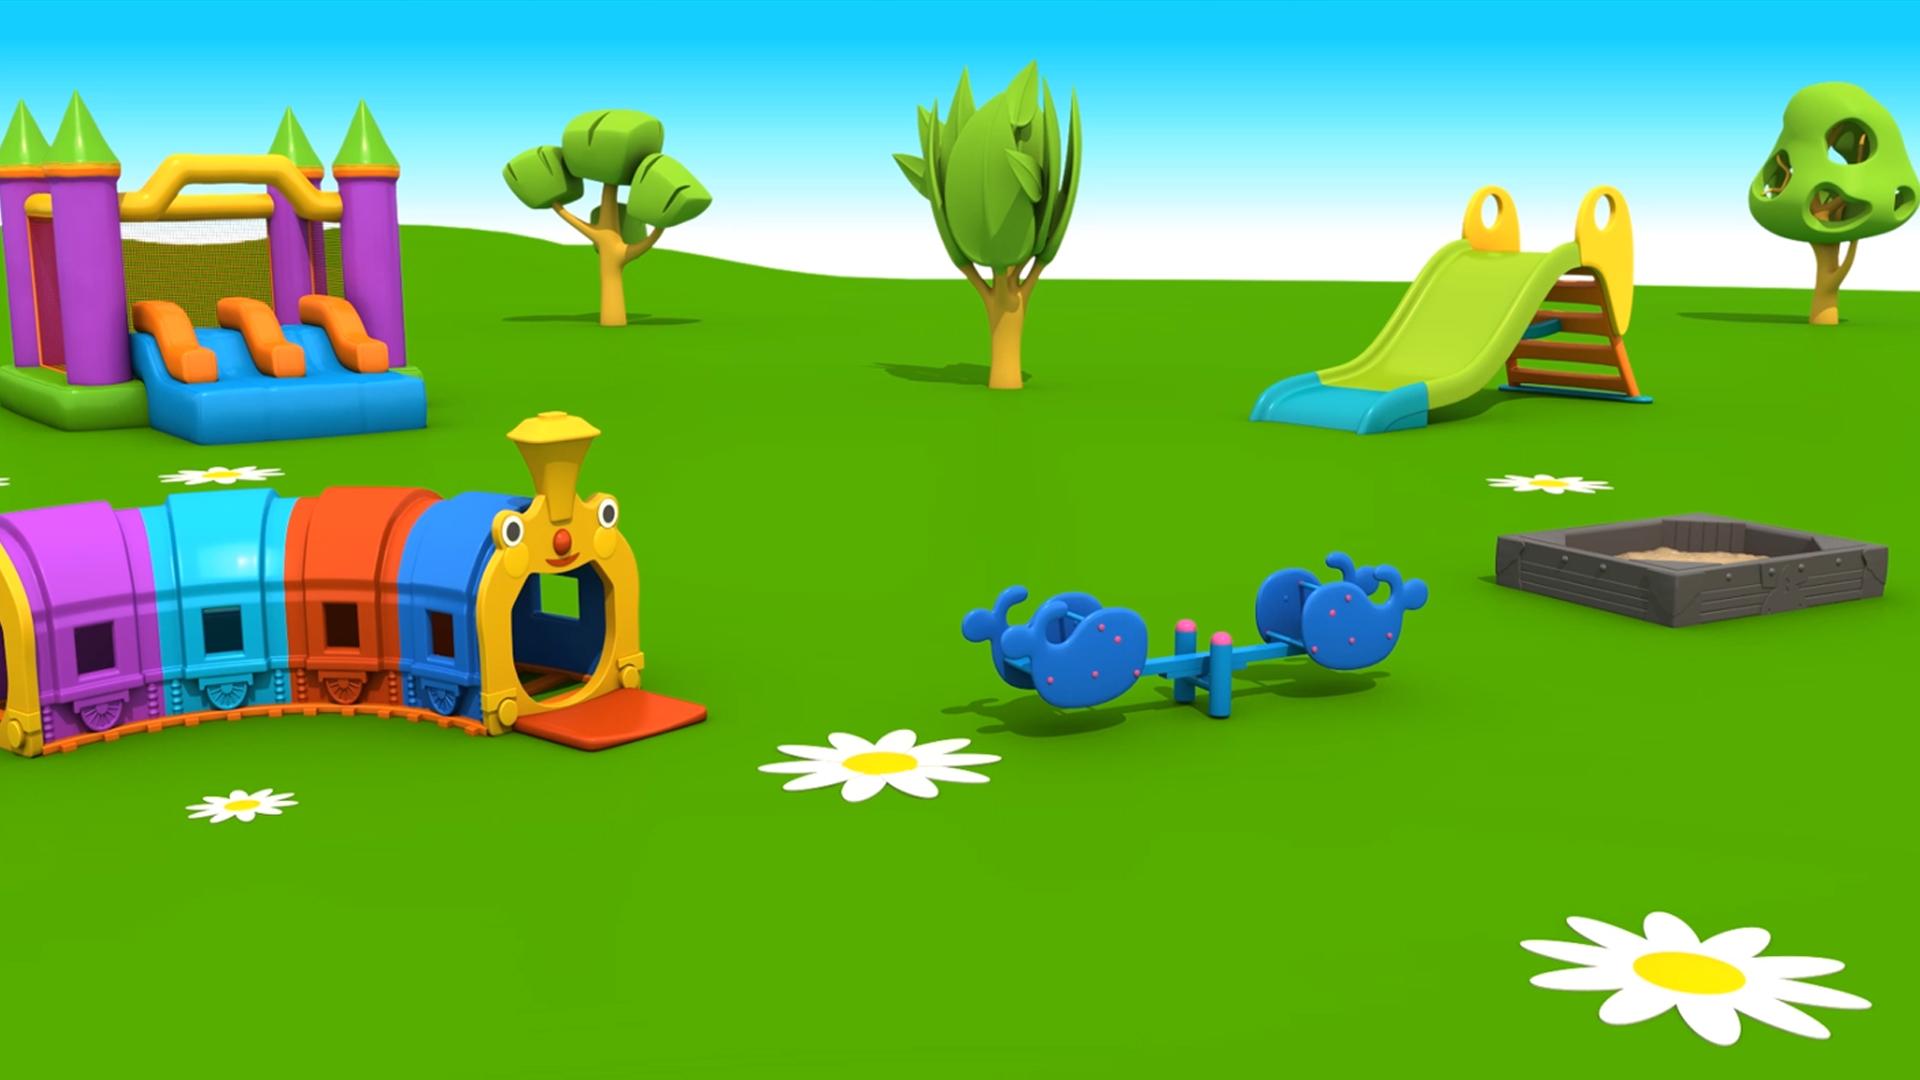 Il cartone dei piccoli u2013 canale youtube u2013 cartoni animati per